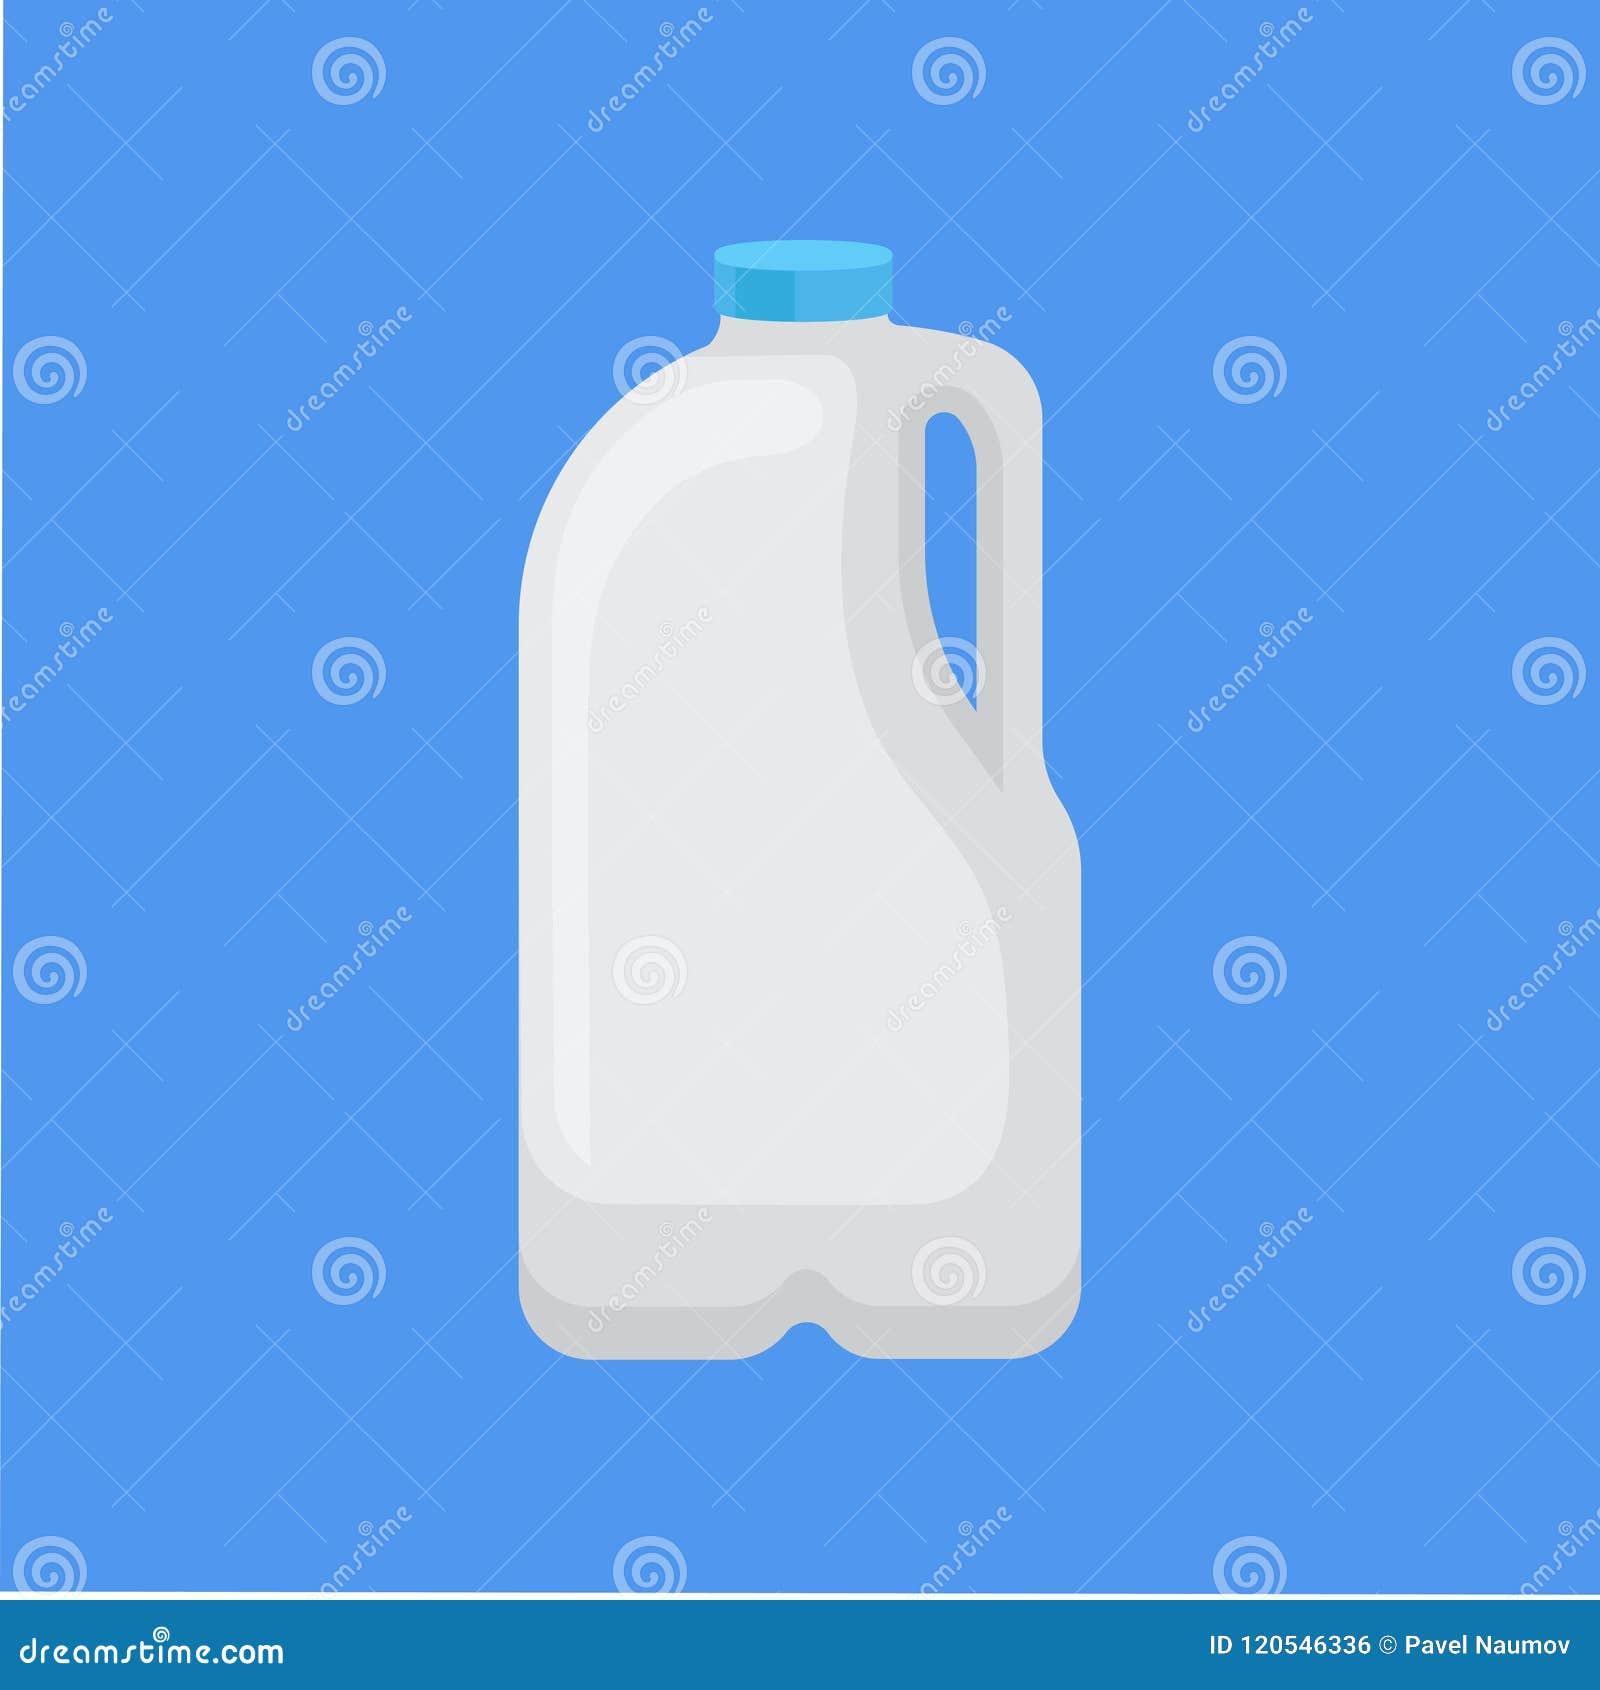 Zuivelproduct in plastic verpakking, gallon melk vectorillustratie in vlakke stijl